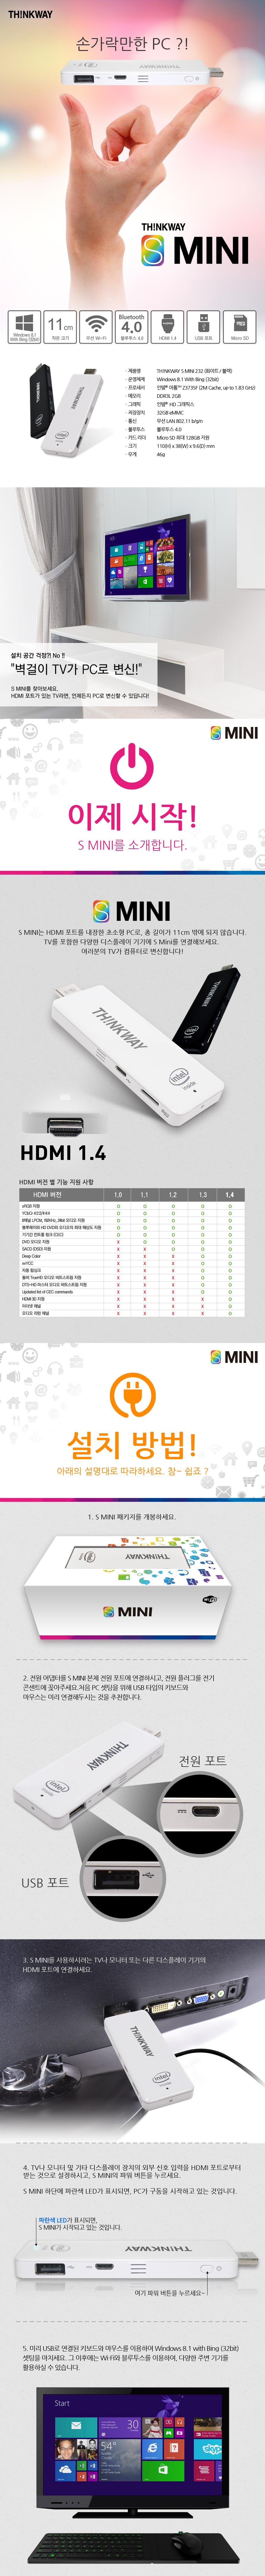 s_mini 232_A1